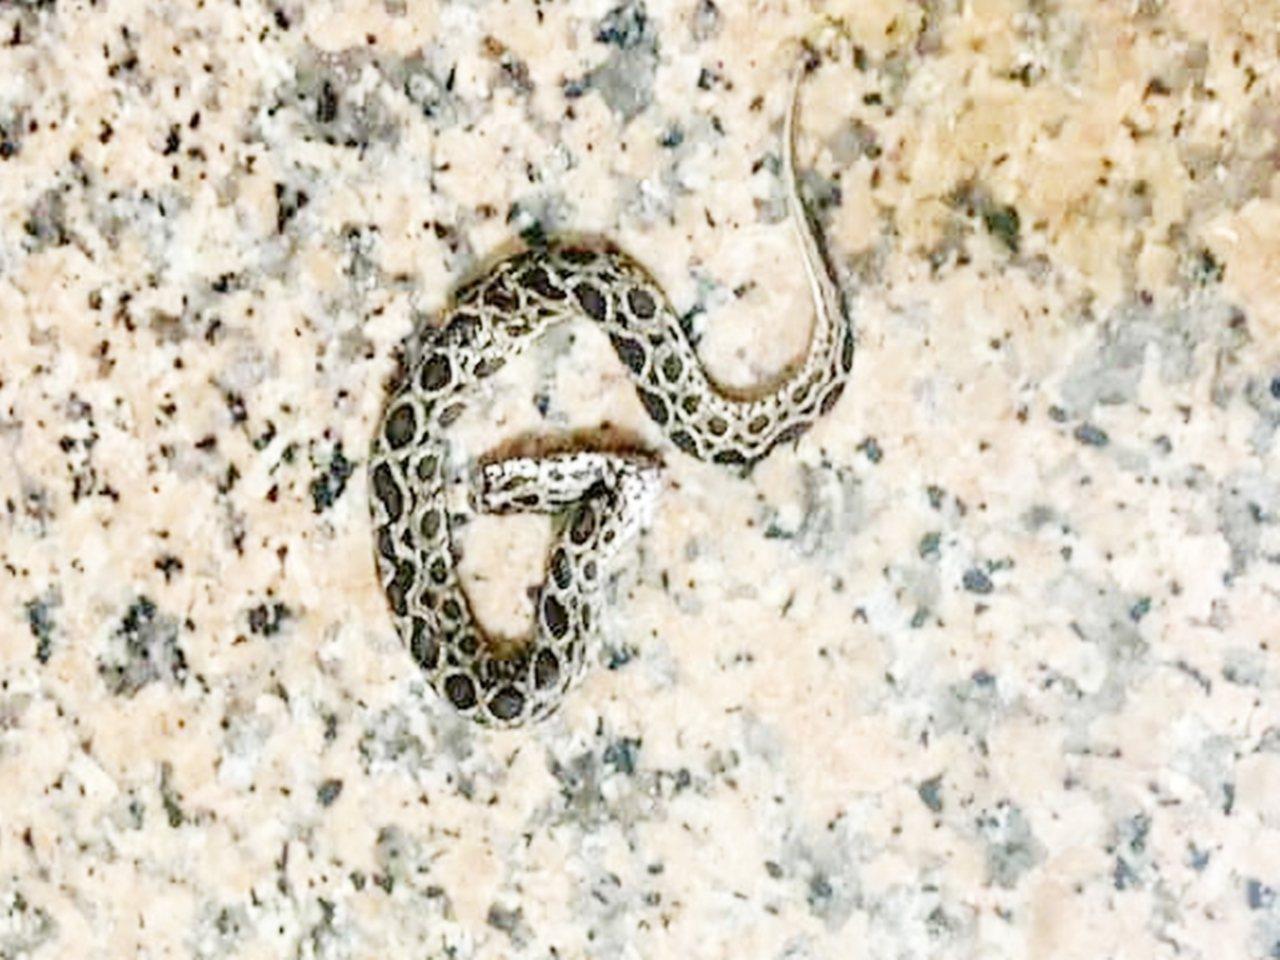 這條小鎖鏈蛇闖入台東市區一民宅,疑遭貓星人「牛奶」活活打死。圖/顏姓讀者提供